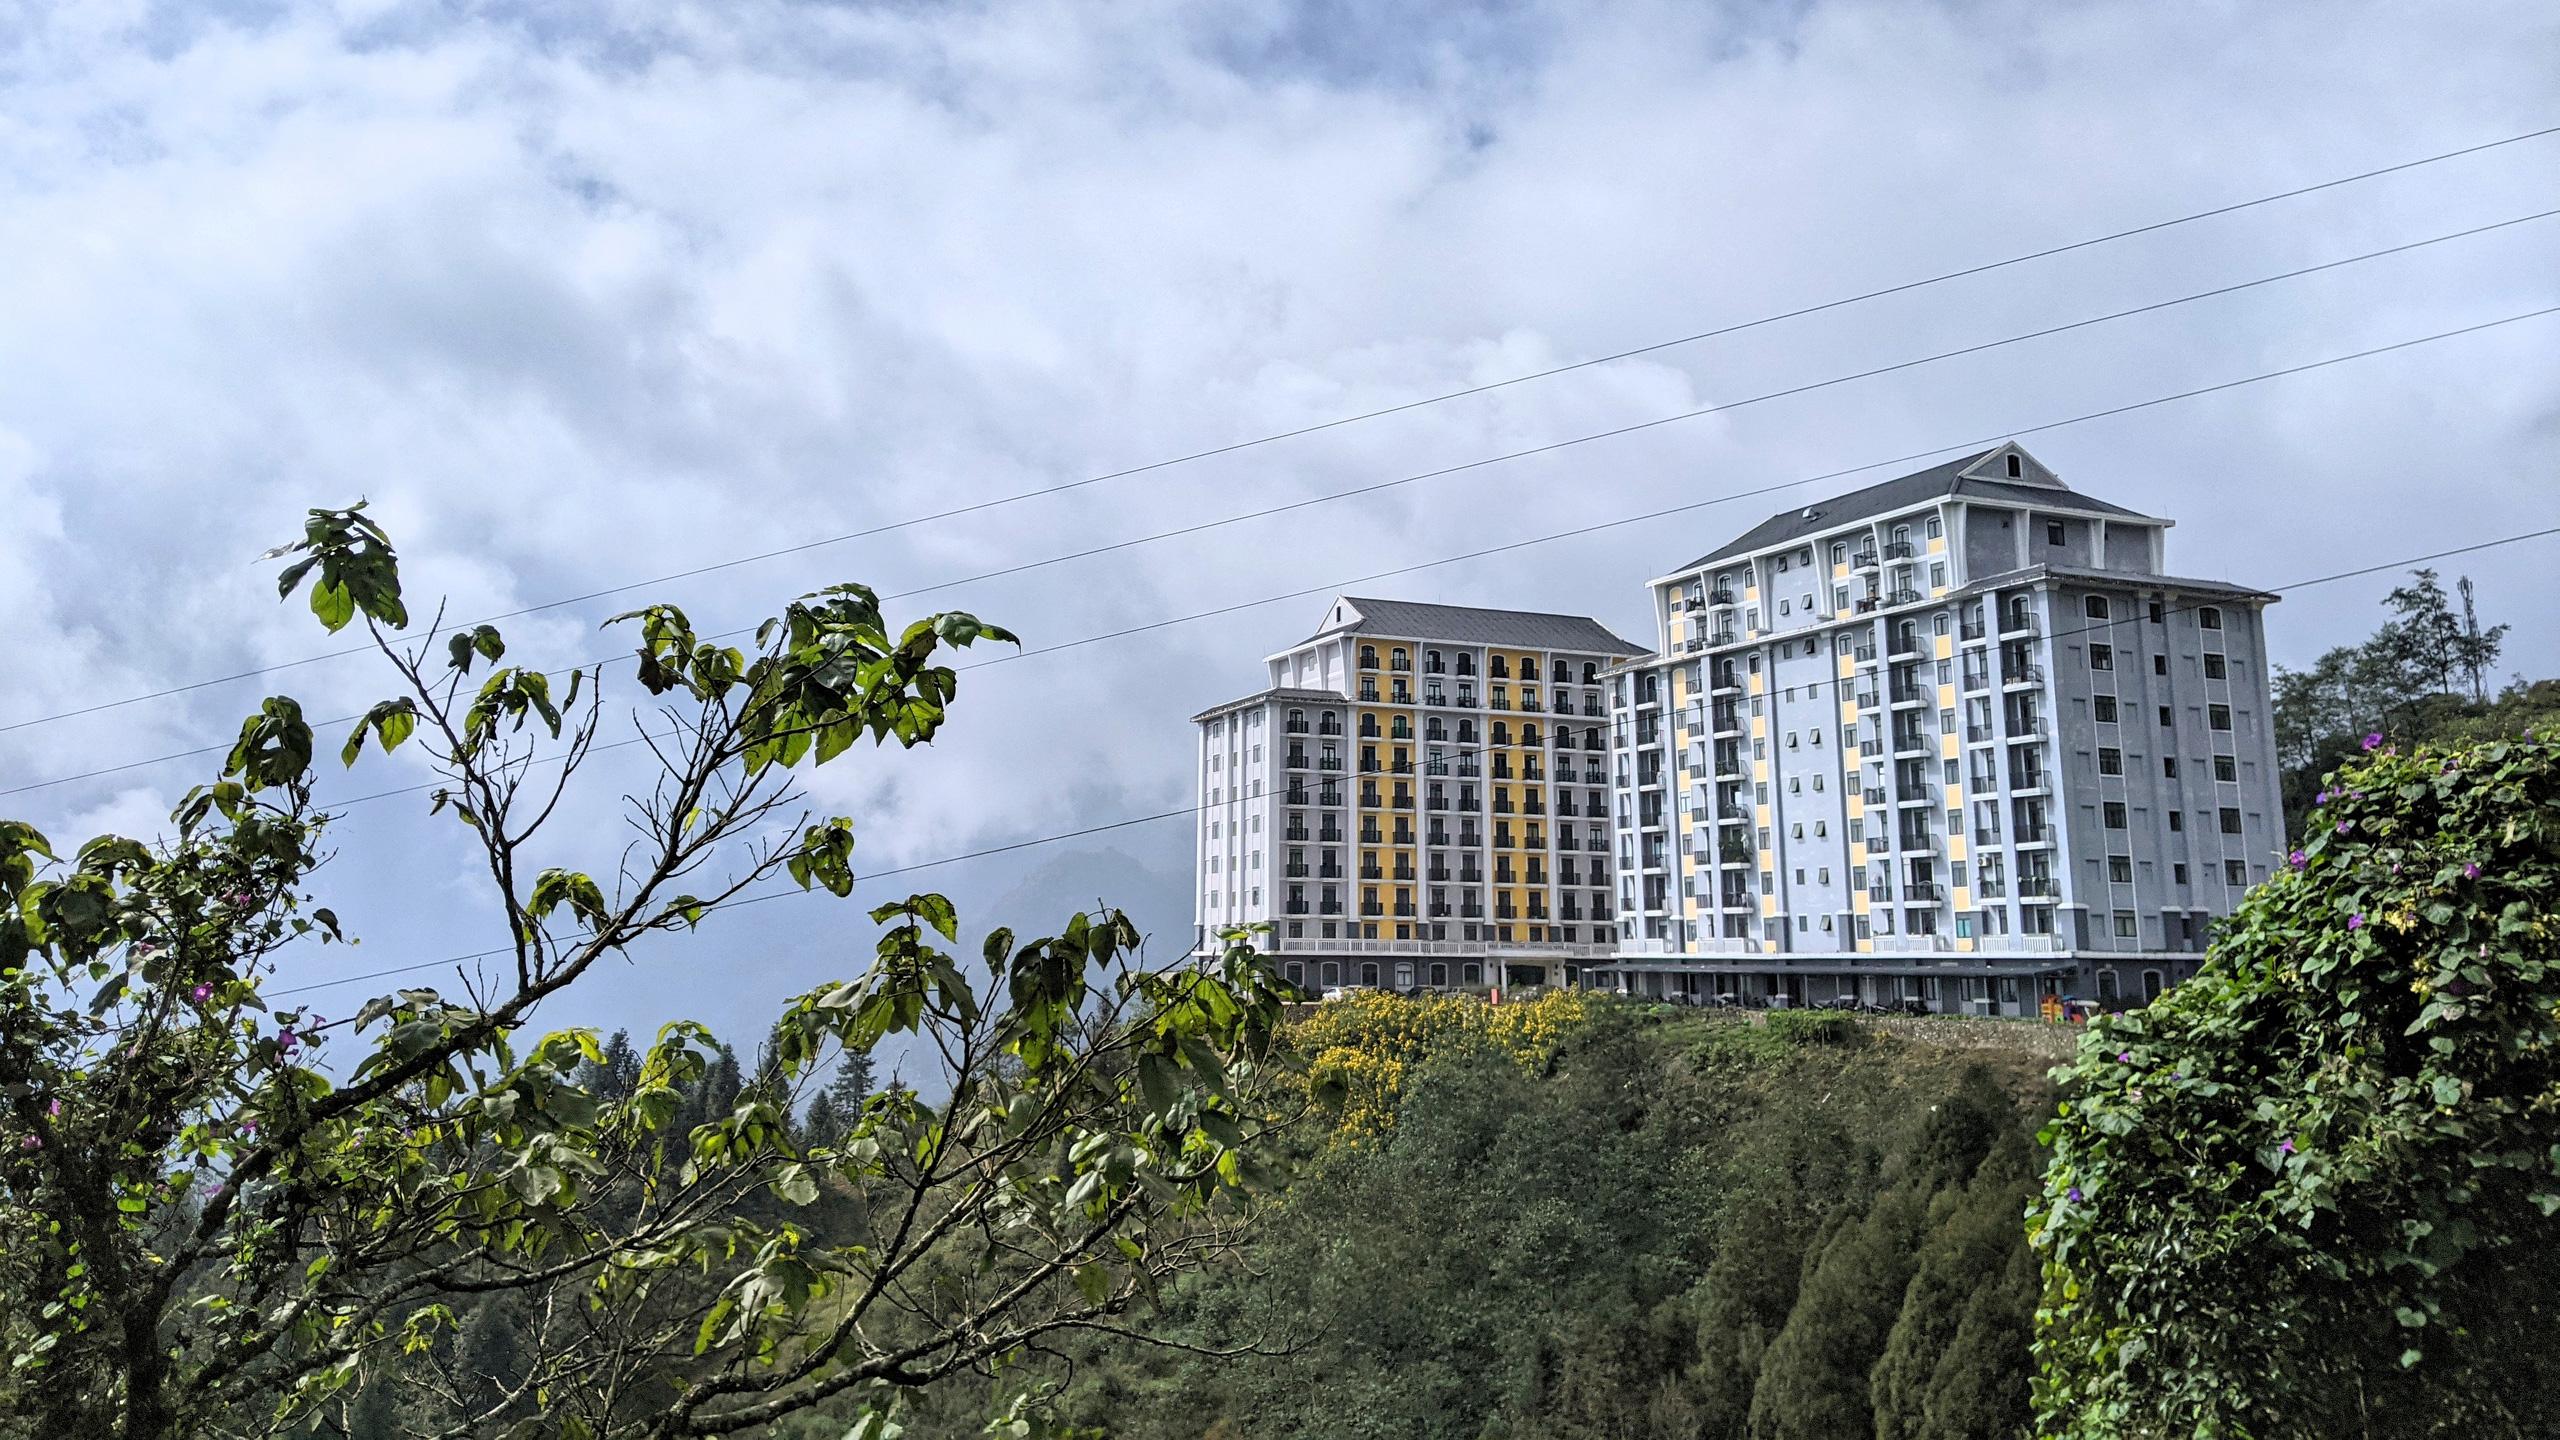 Những dự án bất động sản nghỉ dưỡng lớn đang hiện diện ở Sa Pa - Ảnh 10.